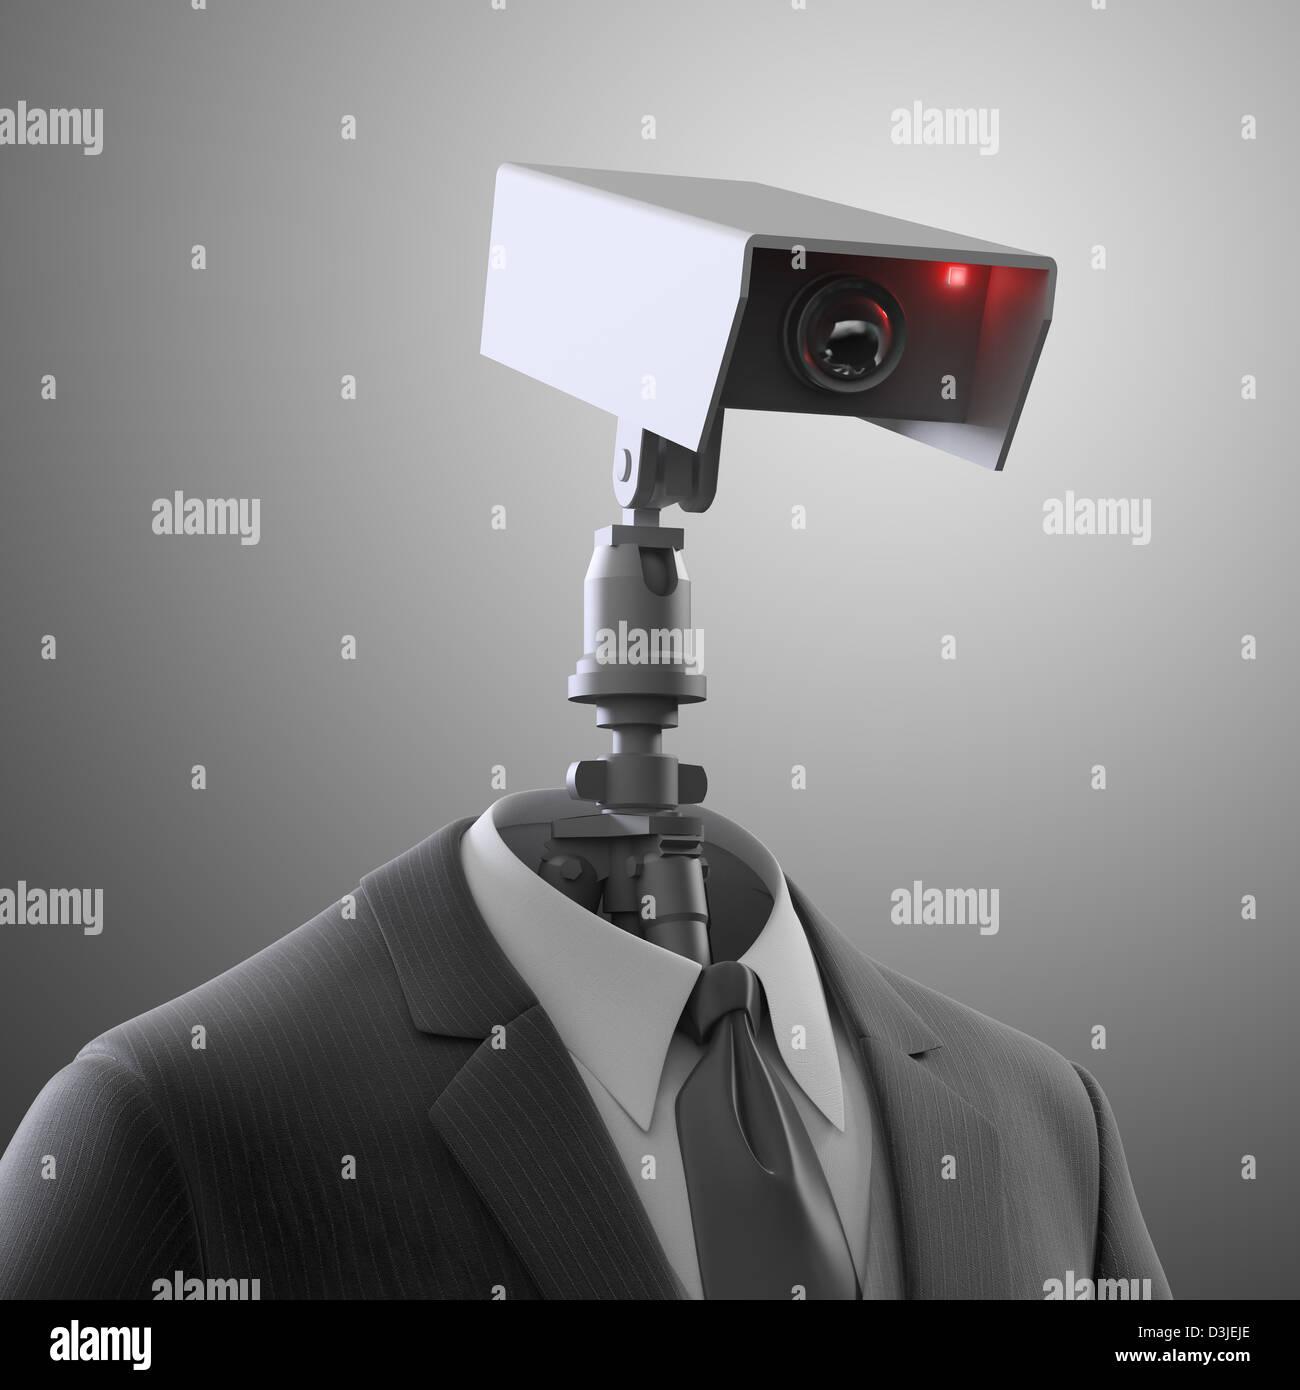 Ein Roboter-Überwachungskamera - automatisierte Überwachung Stockbild